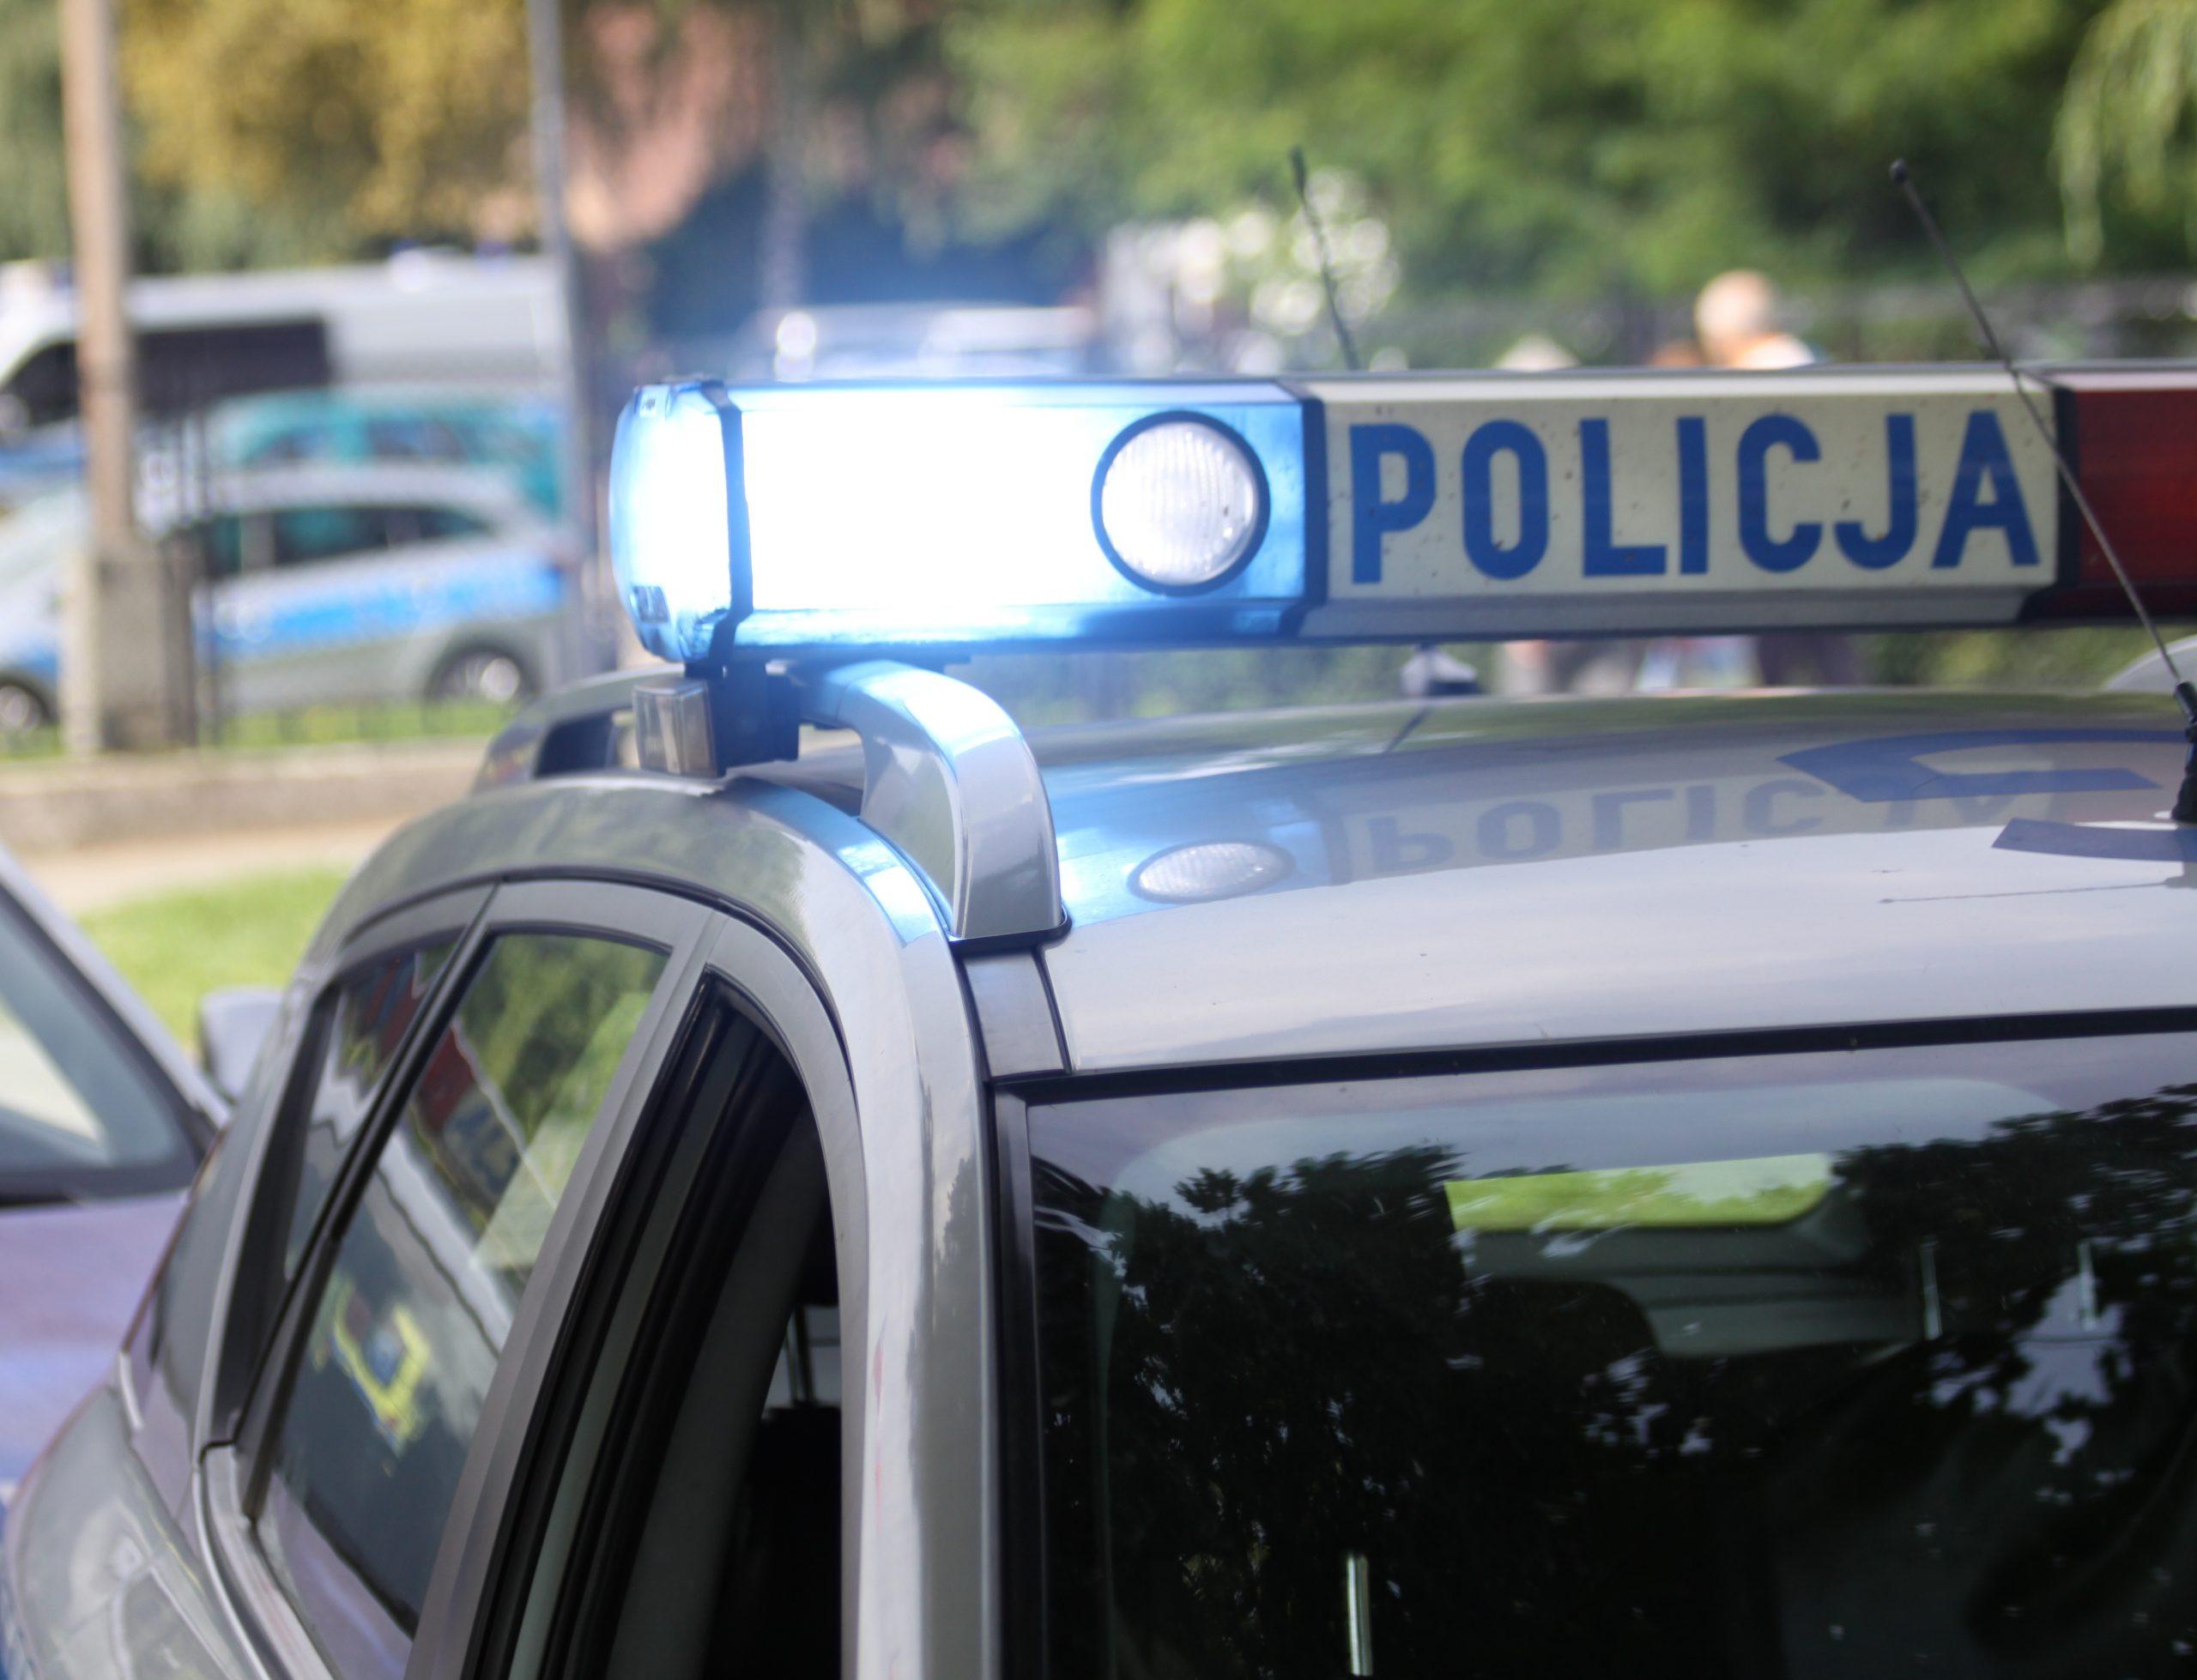 KPP Policja Oświęcim radiowóz 5